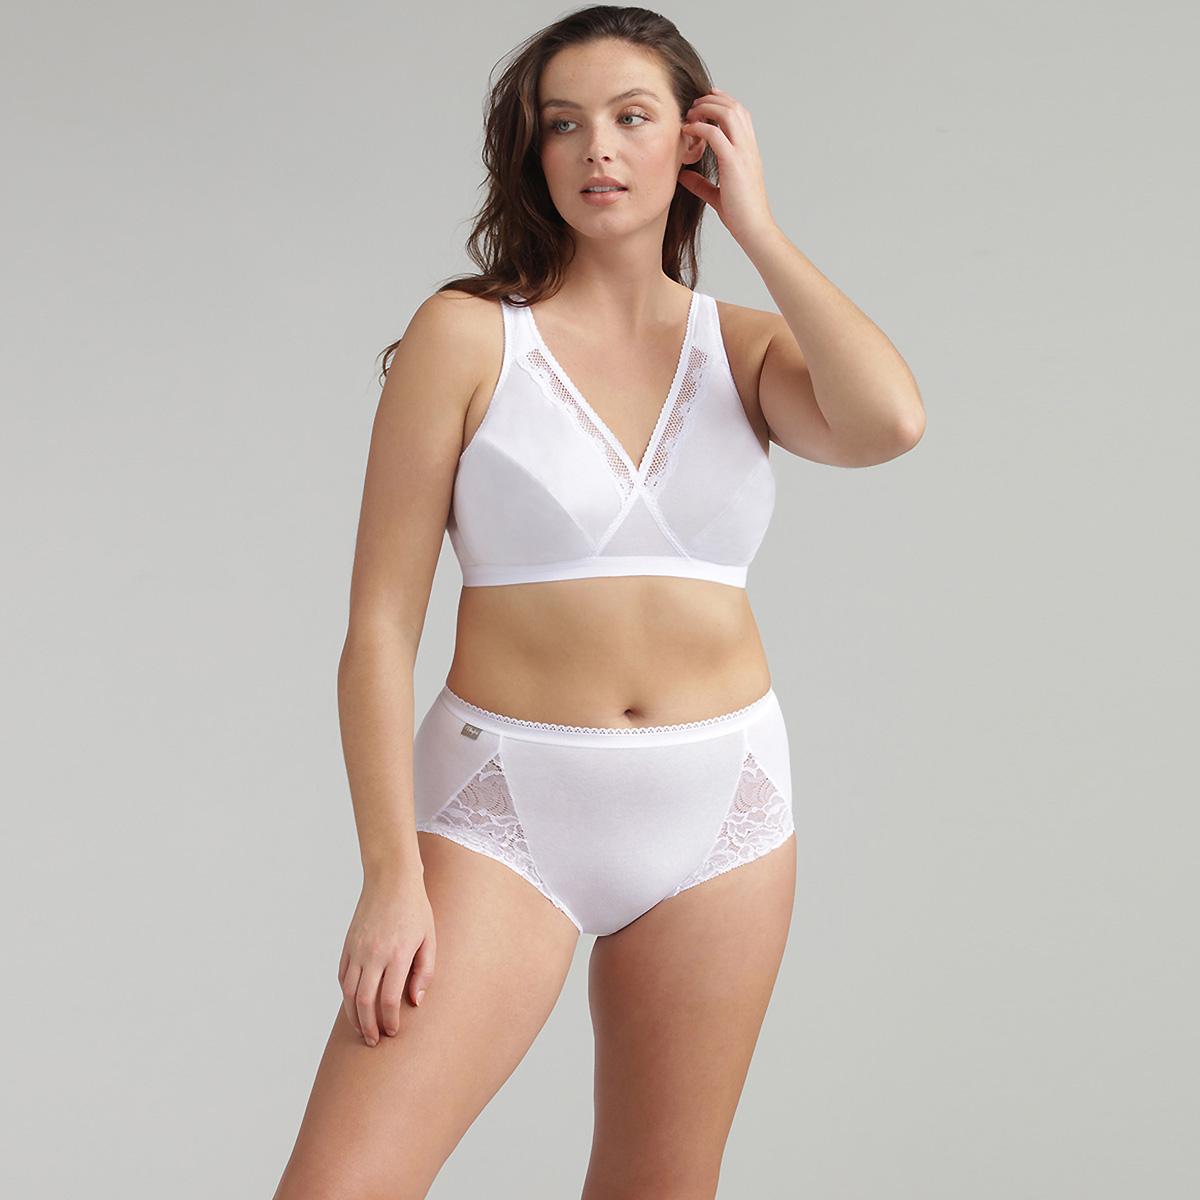 Soutien-gorge sans armatures blanc – Cœur Croisé Coton, , PLAYTEX